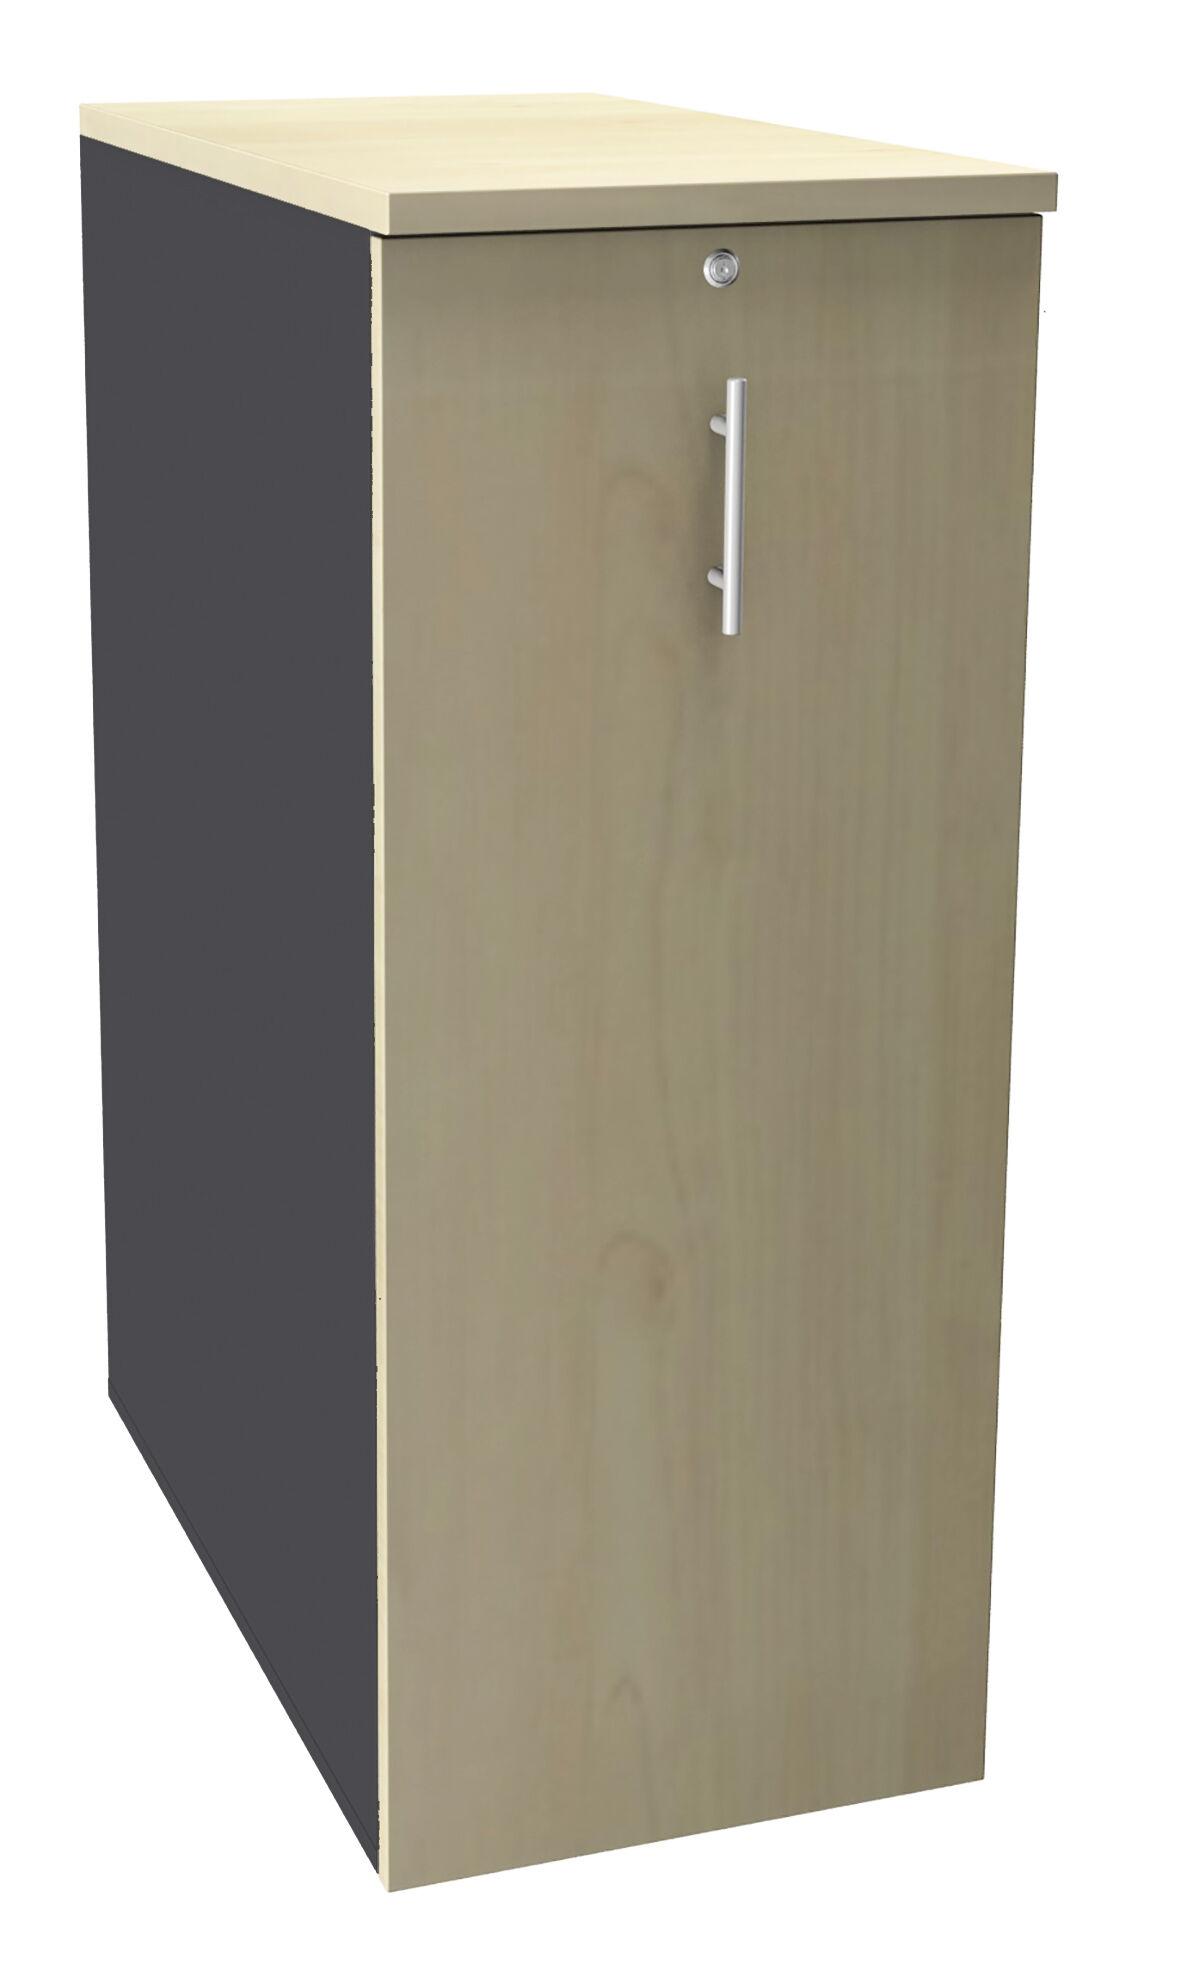 Caisson TOWER - L44 x H114 x P80 cm - 3 tablettes + 1 support DS réglable - structure anthracite - dessus et façade imitation érable